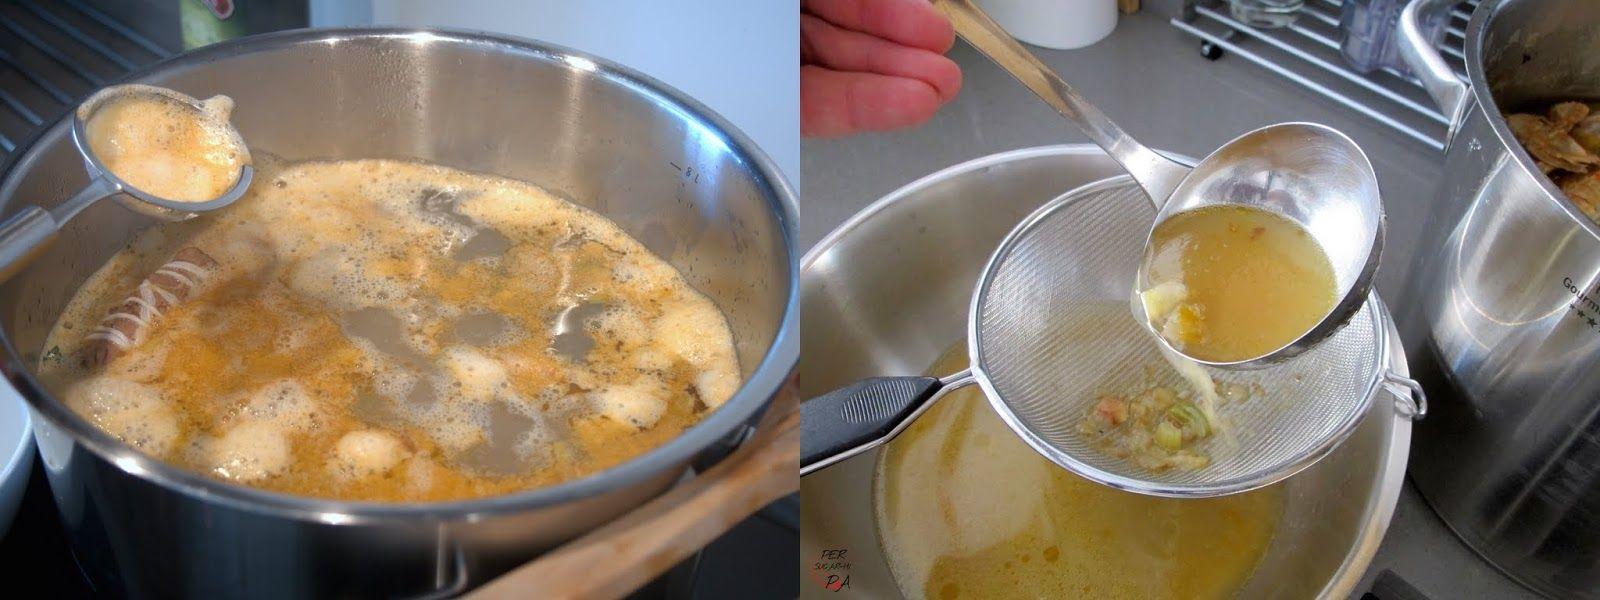 El fumet, o caldo de pescado, es una de las preparaciones básicas en cocina con un montón de aplicaciones: sopas, guisos marineros, paell...